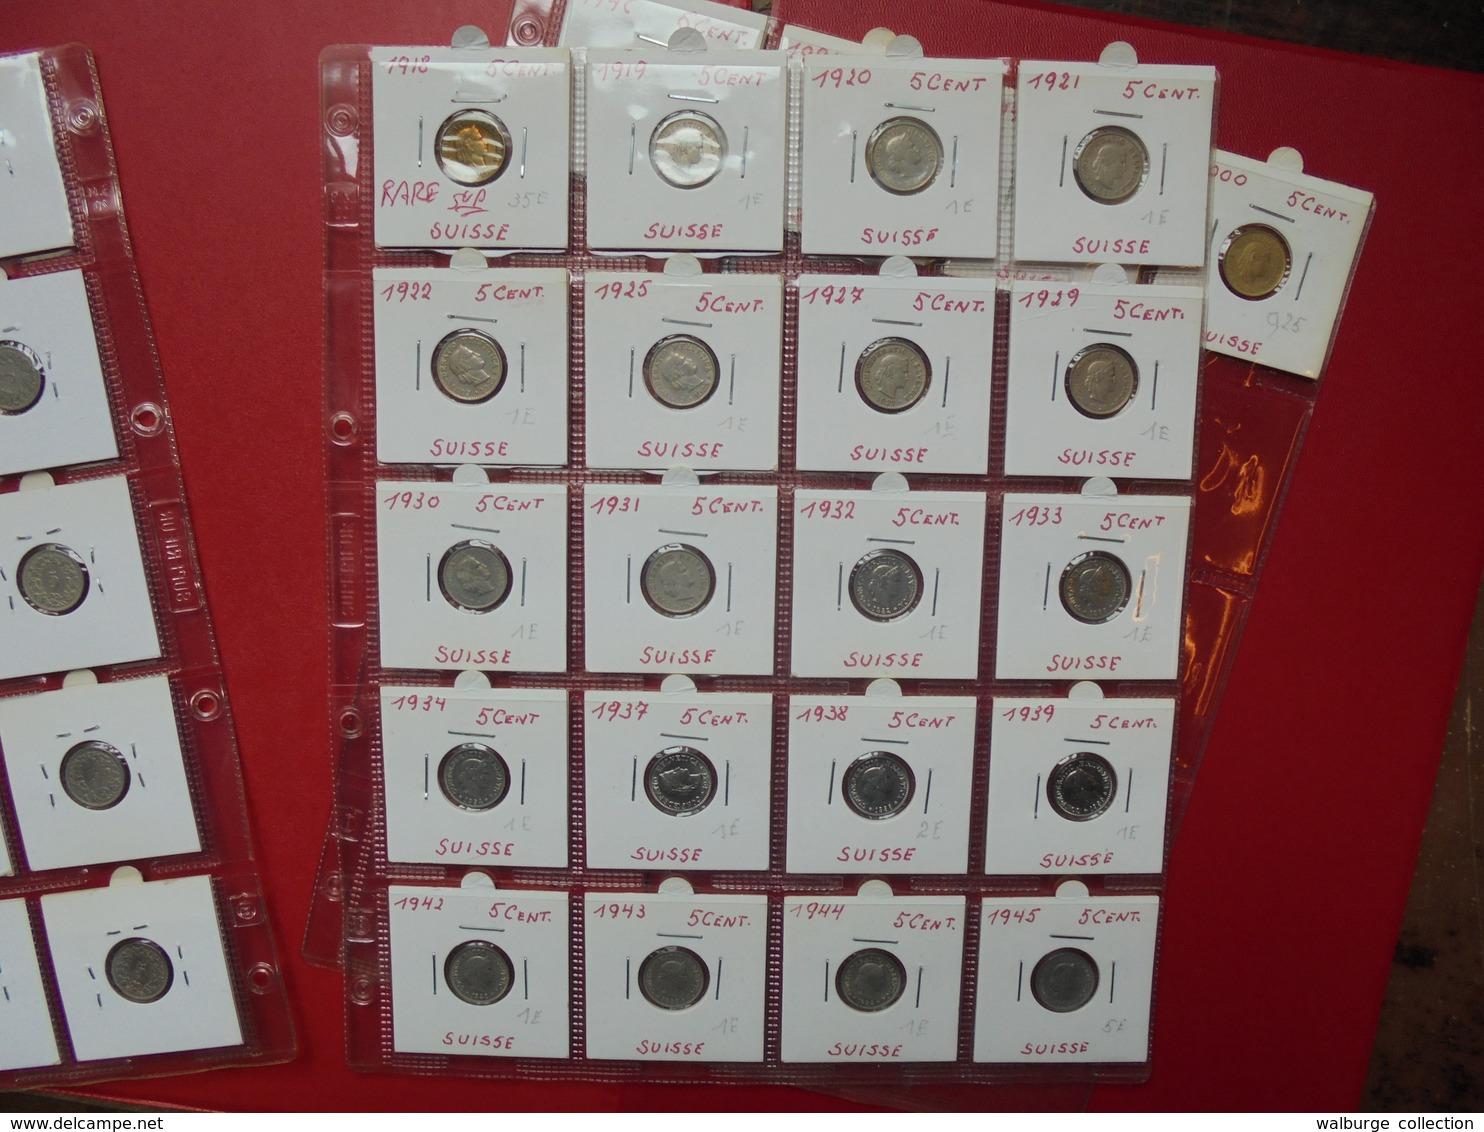 SUISSE 1880-2000 LOT DE 44 MONNAIES DATES DIFFERENTES DE 5 CENTS. - Monnaies & Billets